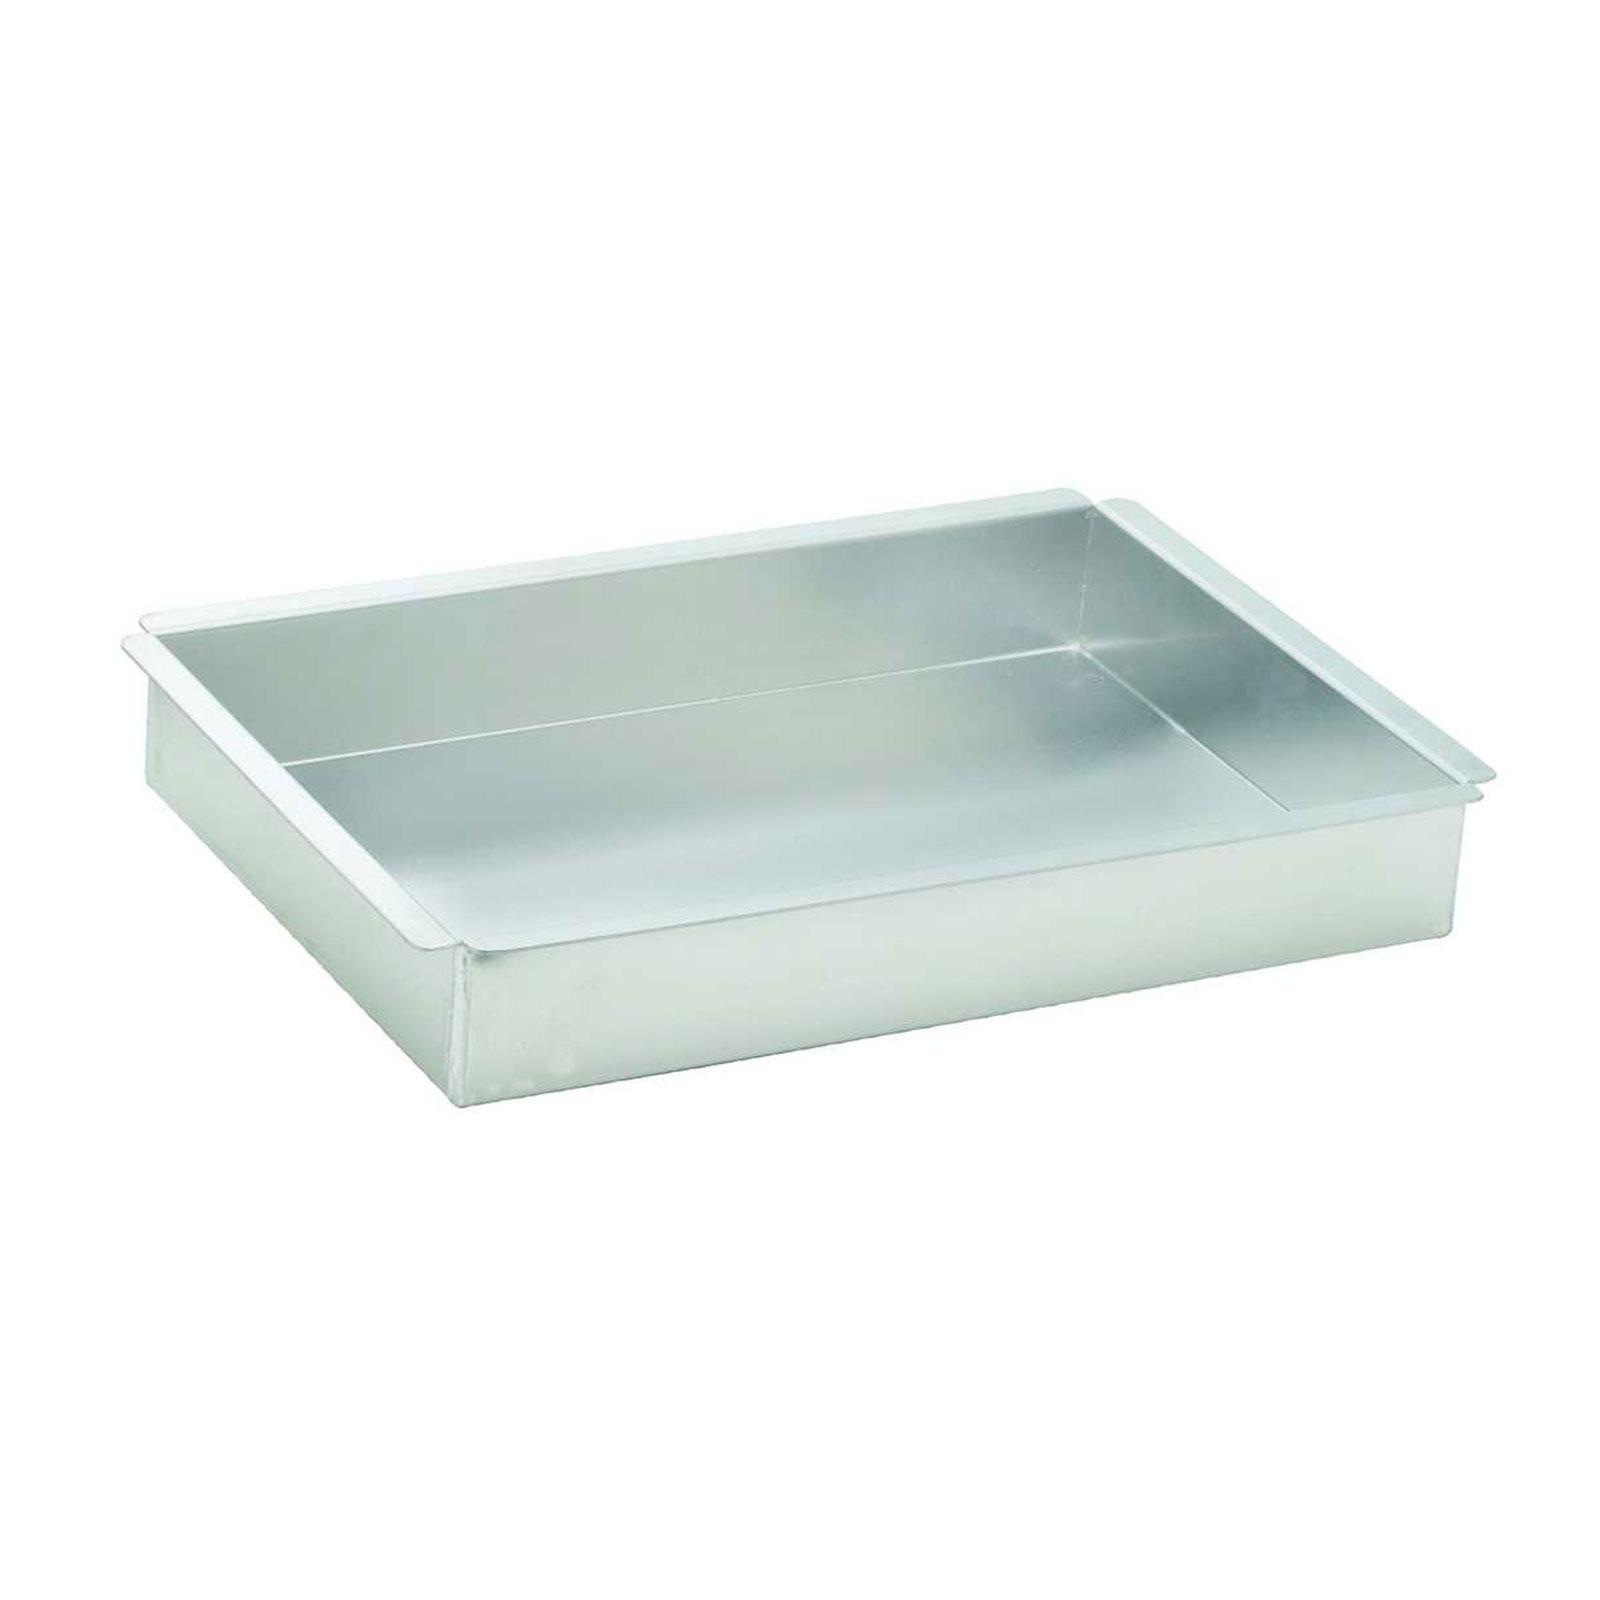 Winco ACP-0913 cake pan